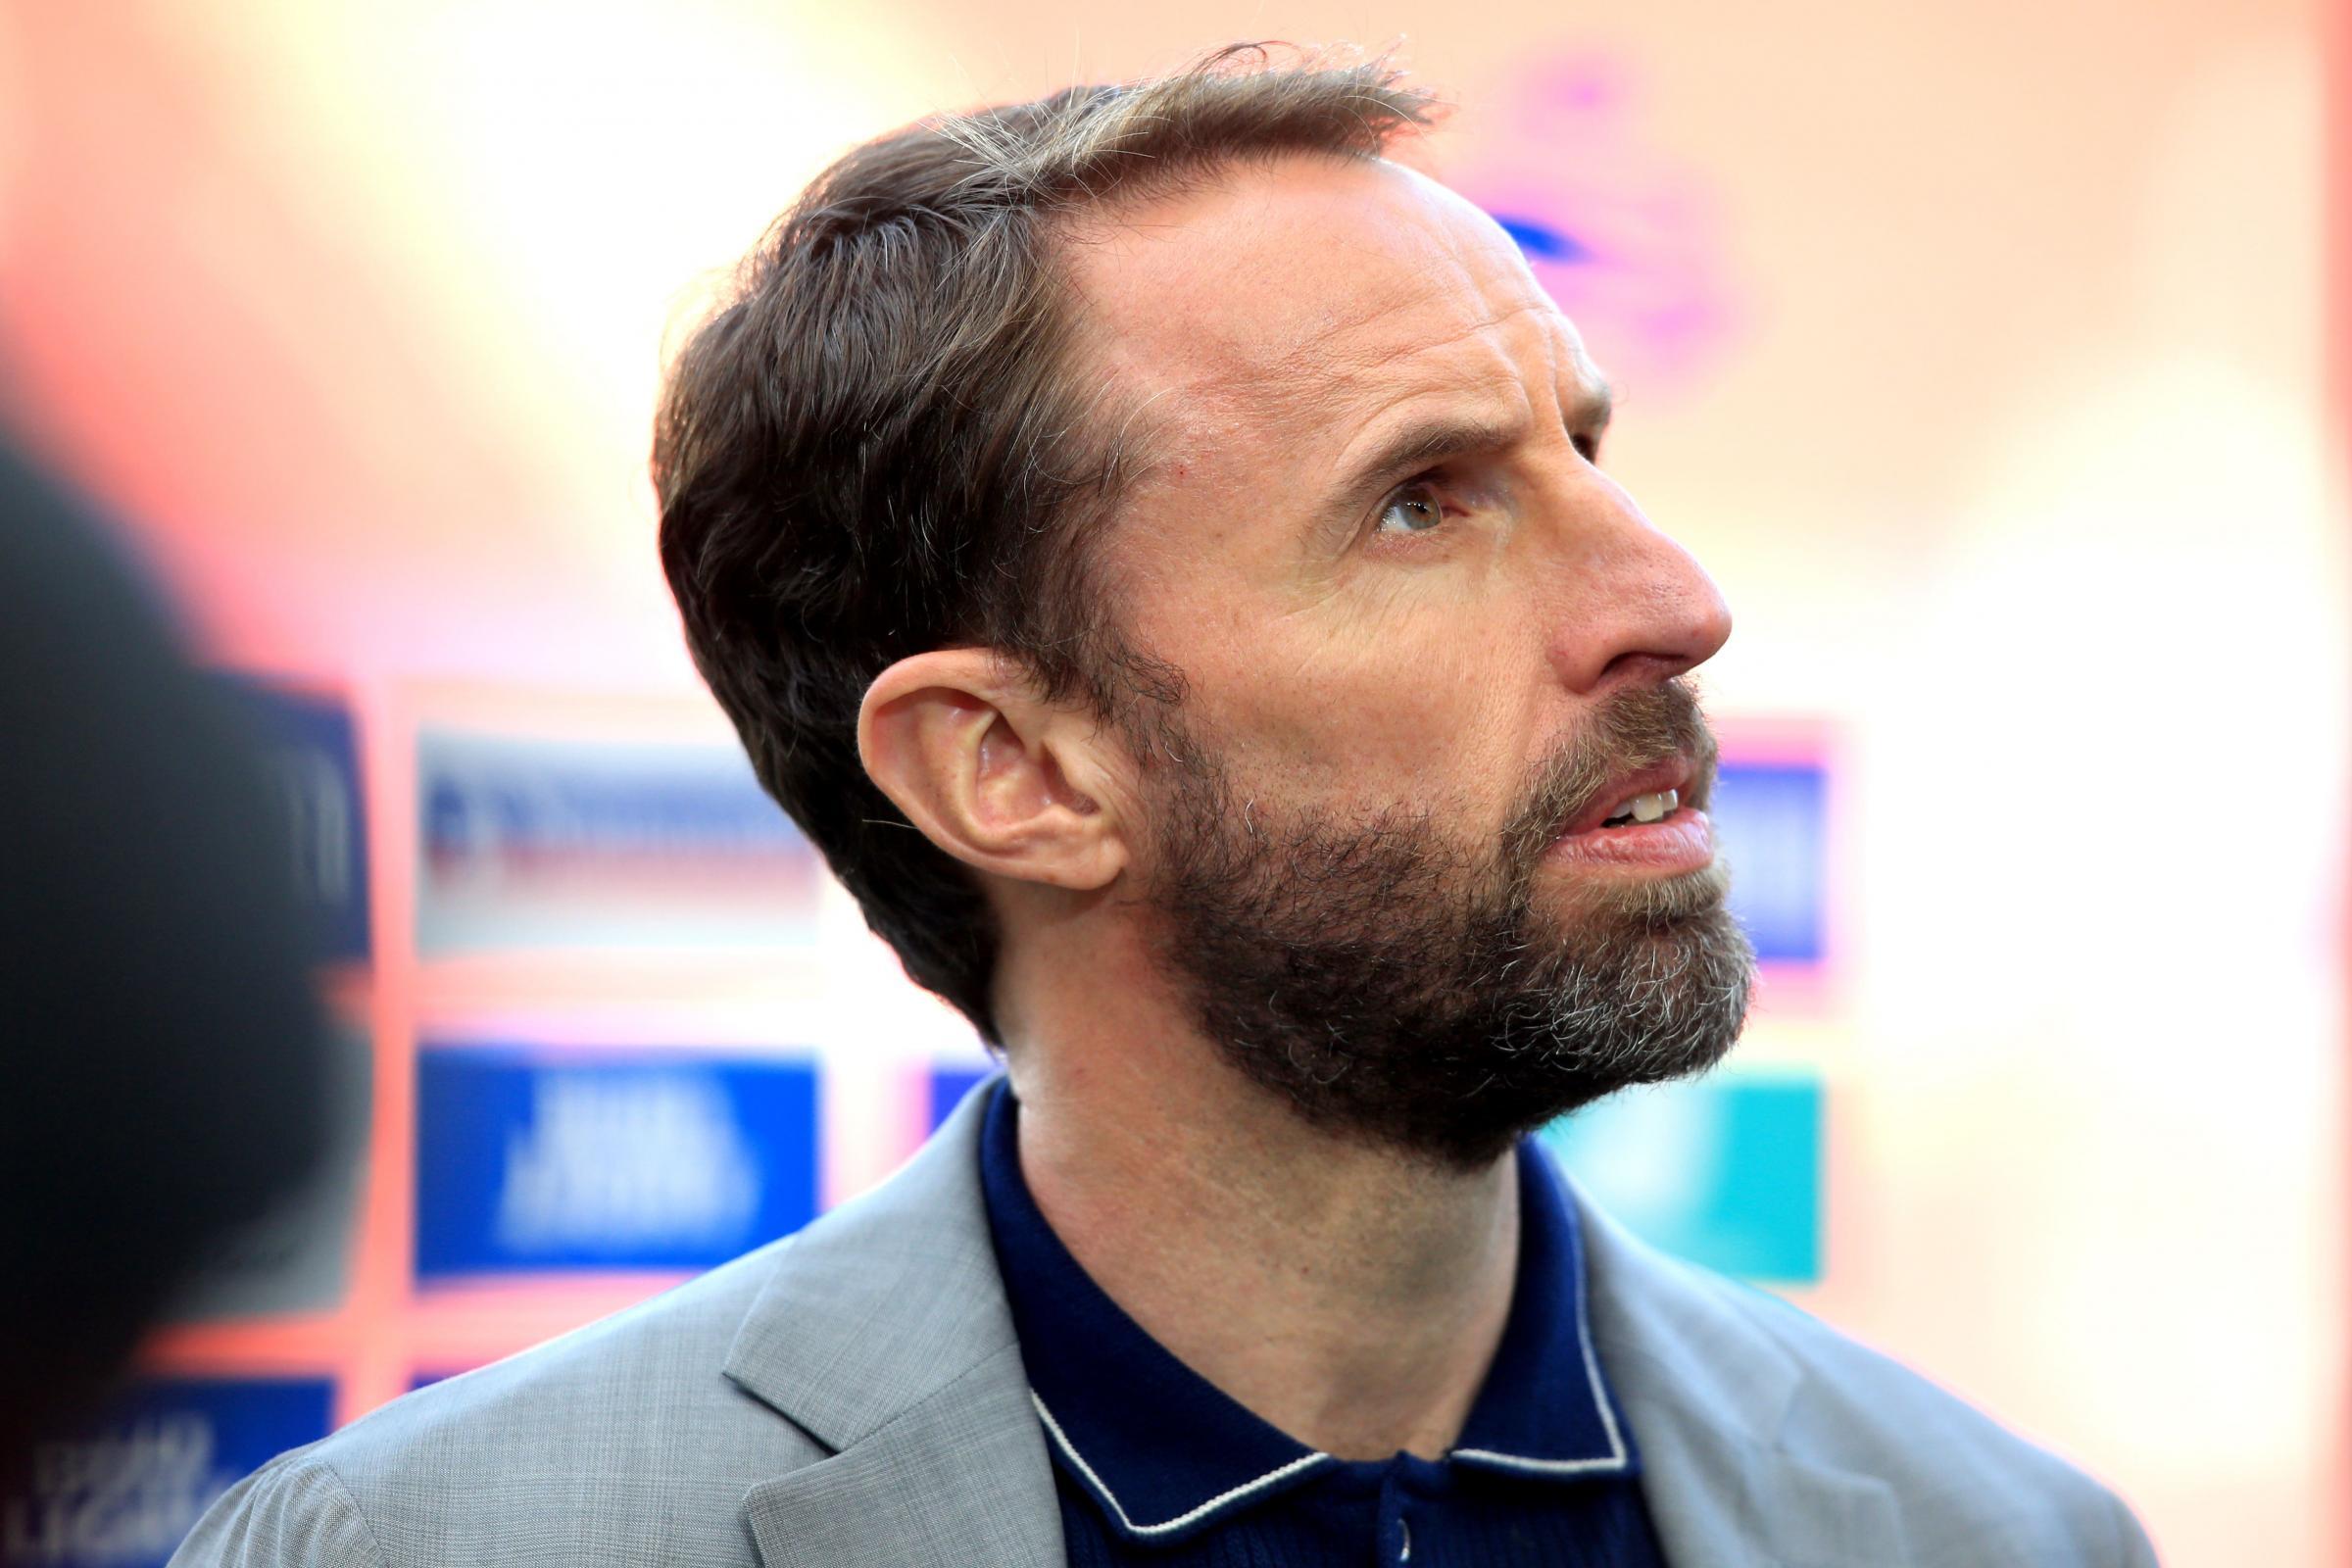 พลาดเยอะ! เซาธ์เกตชี้เกมรับอังกฤษยังดีไม่พอลุยยูโร 2020